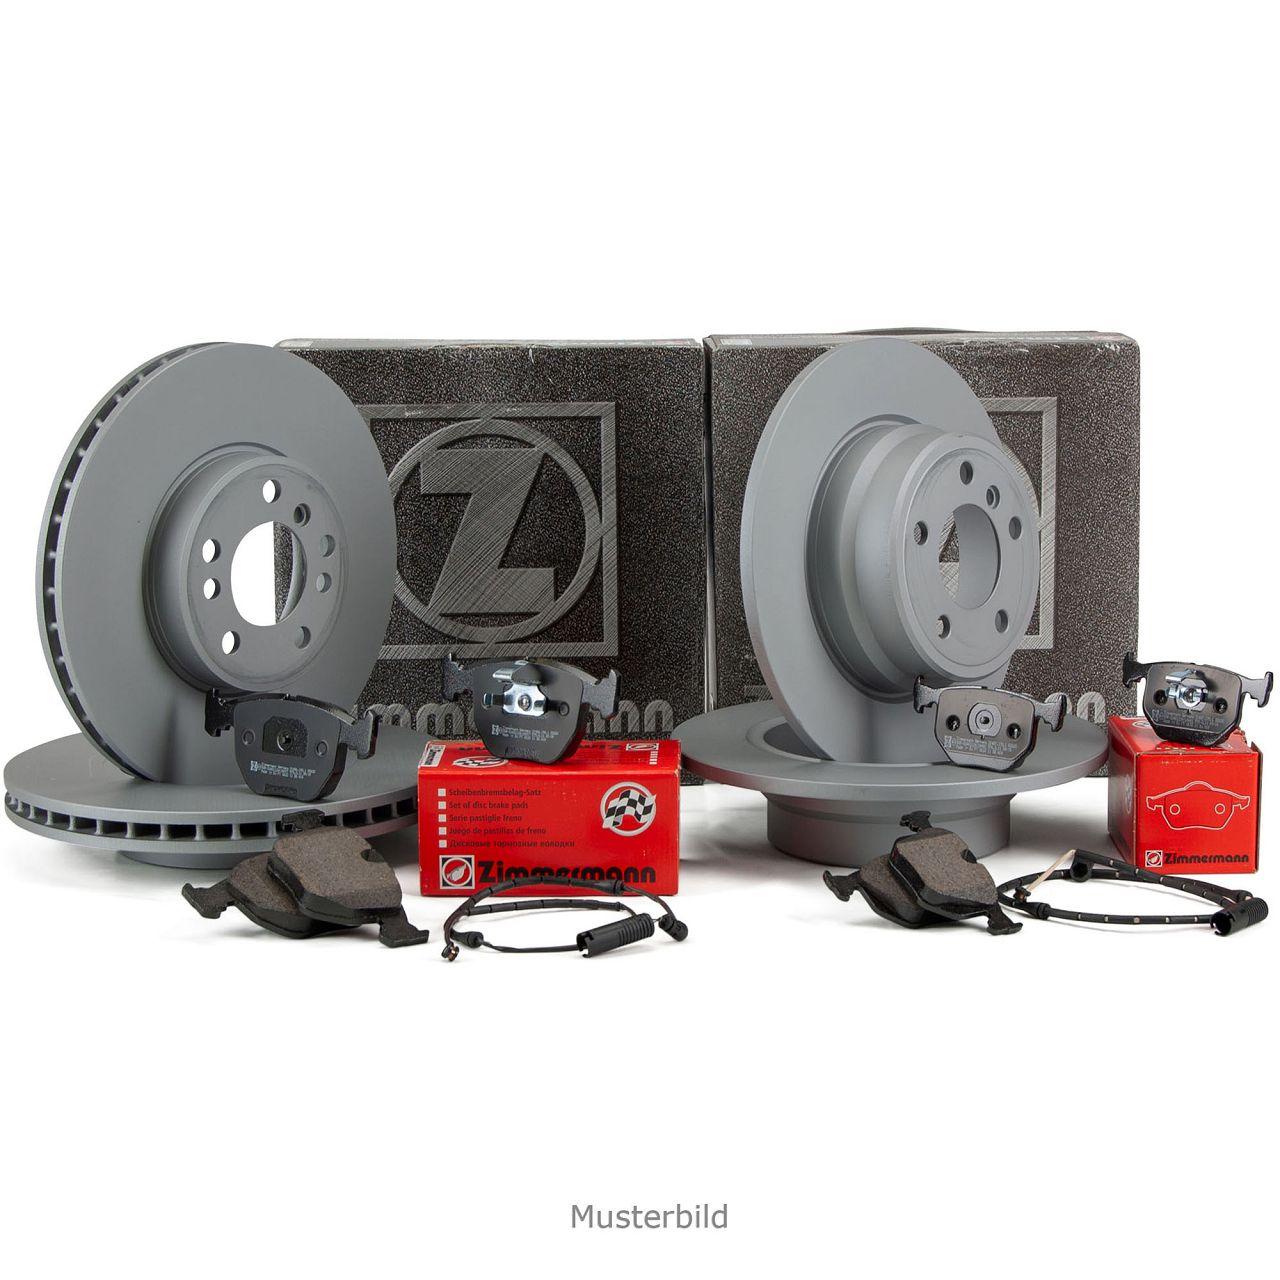 ZIMMERMANN Bremsscheiben Beläge + Wako für MERCEDES C-KLASSE W204 vorne + hinten